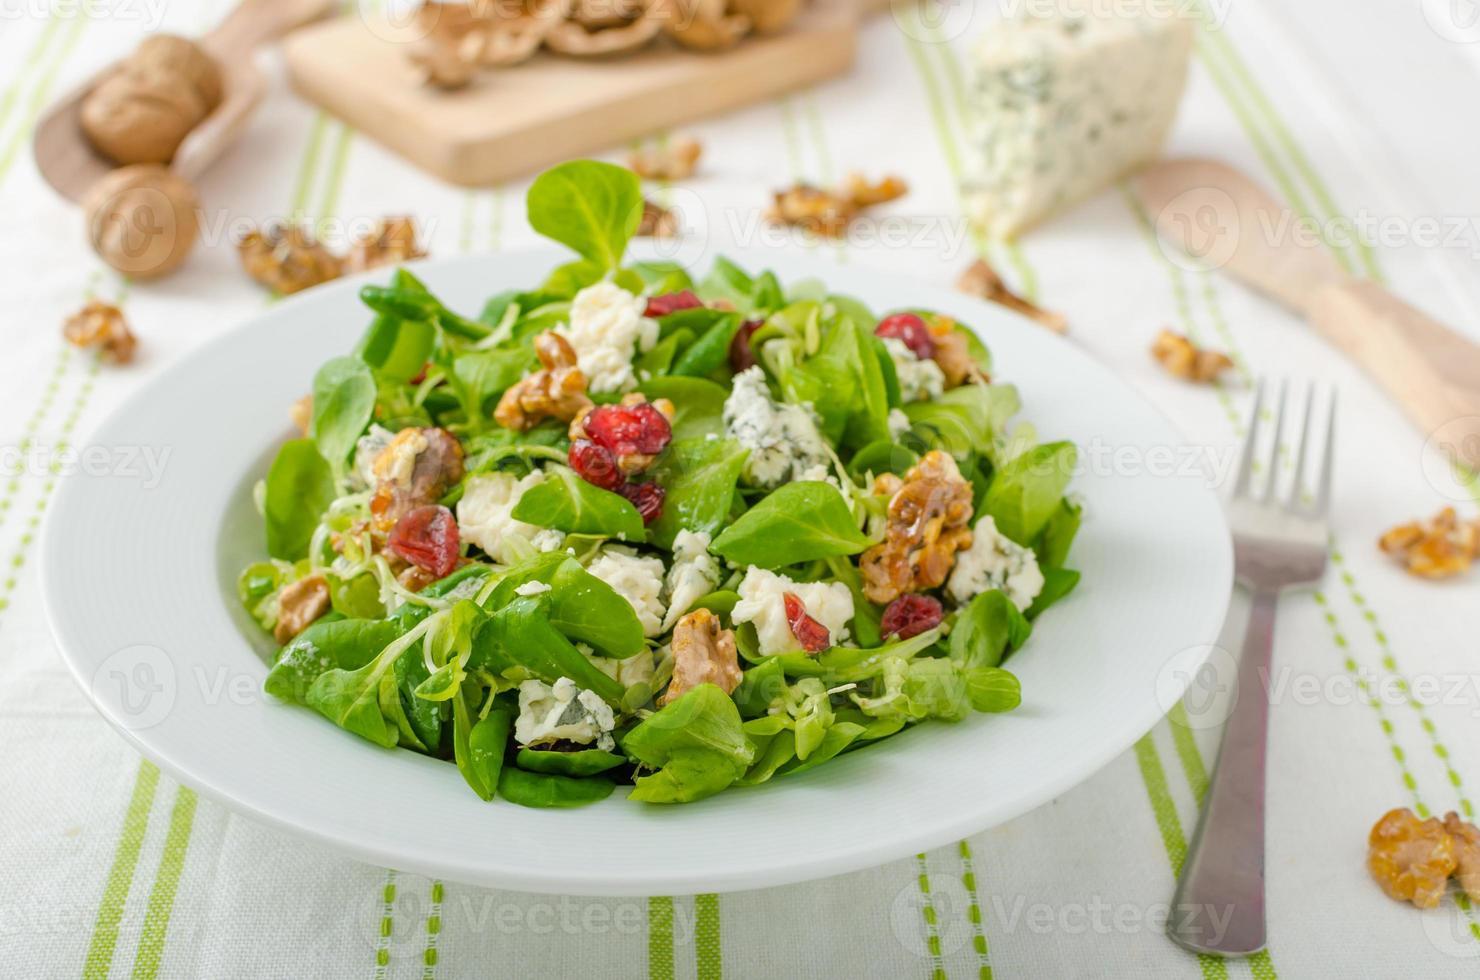 salade met blauwe kaas en balsamico dressing foto